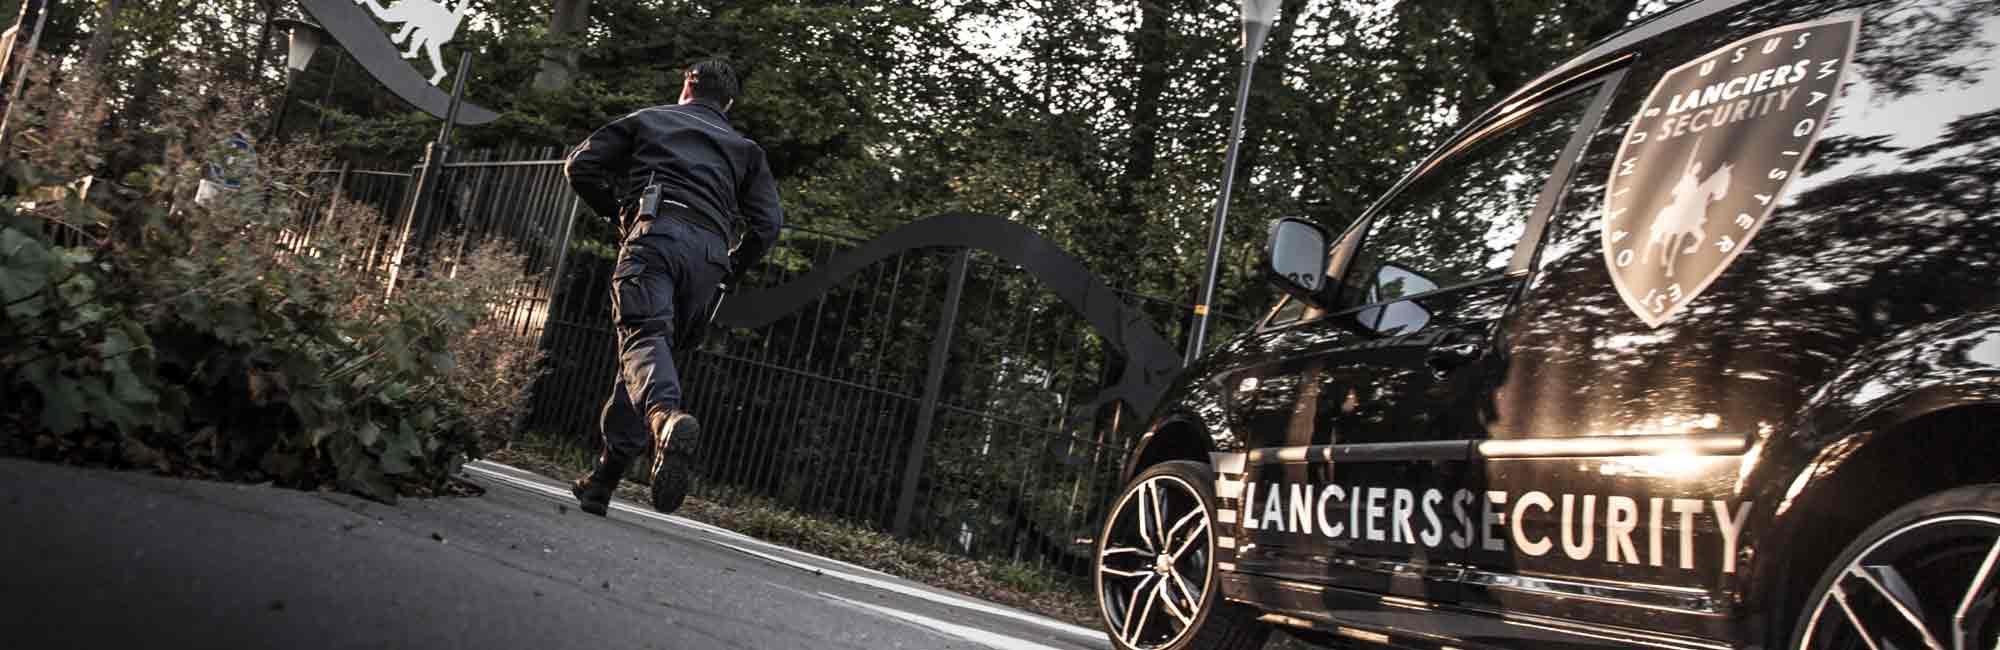 Beveiliging & bewaking - Lanciers Security Apeldoorn